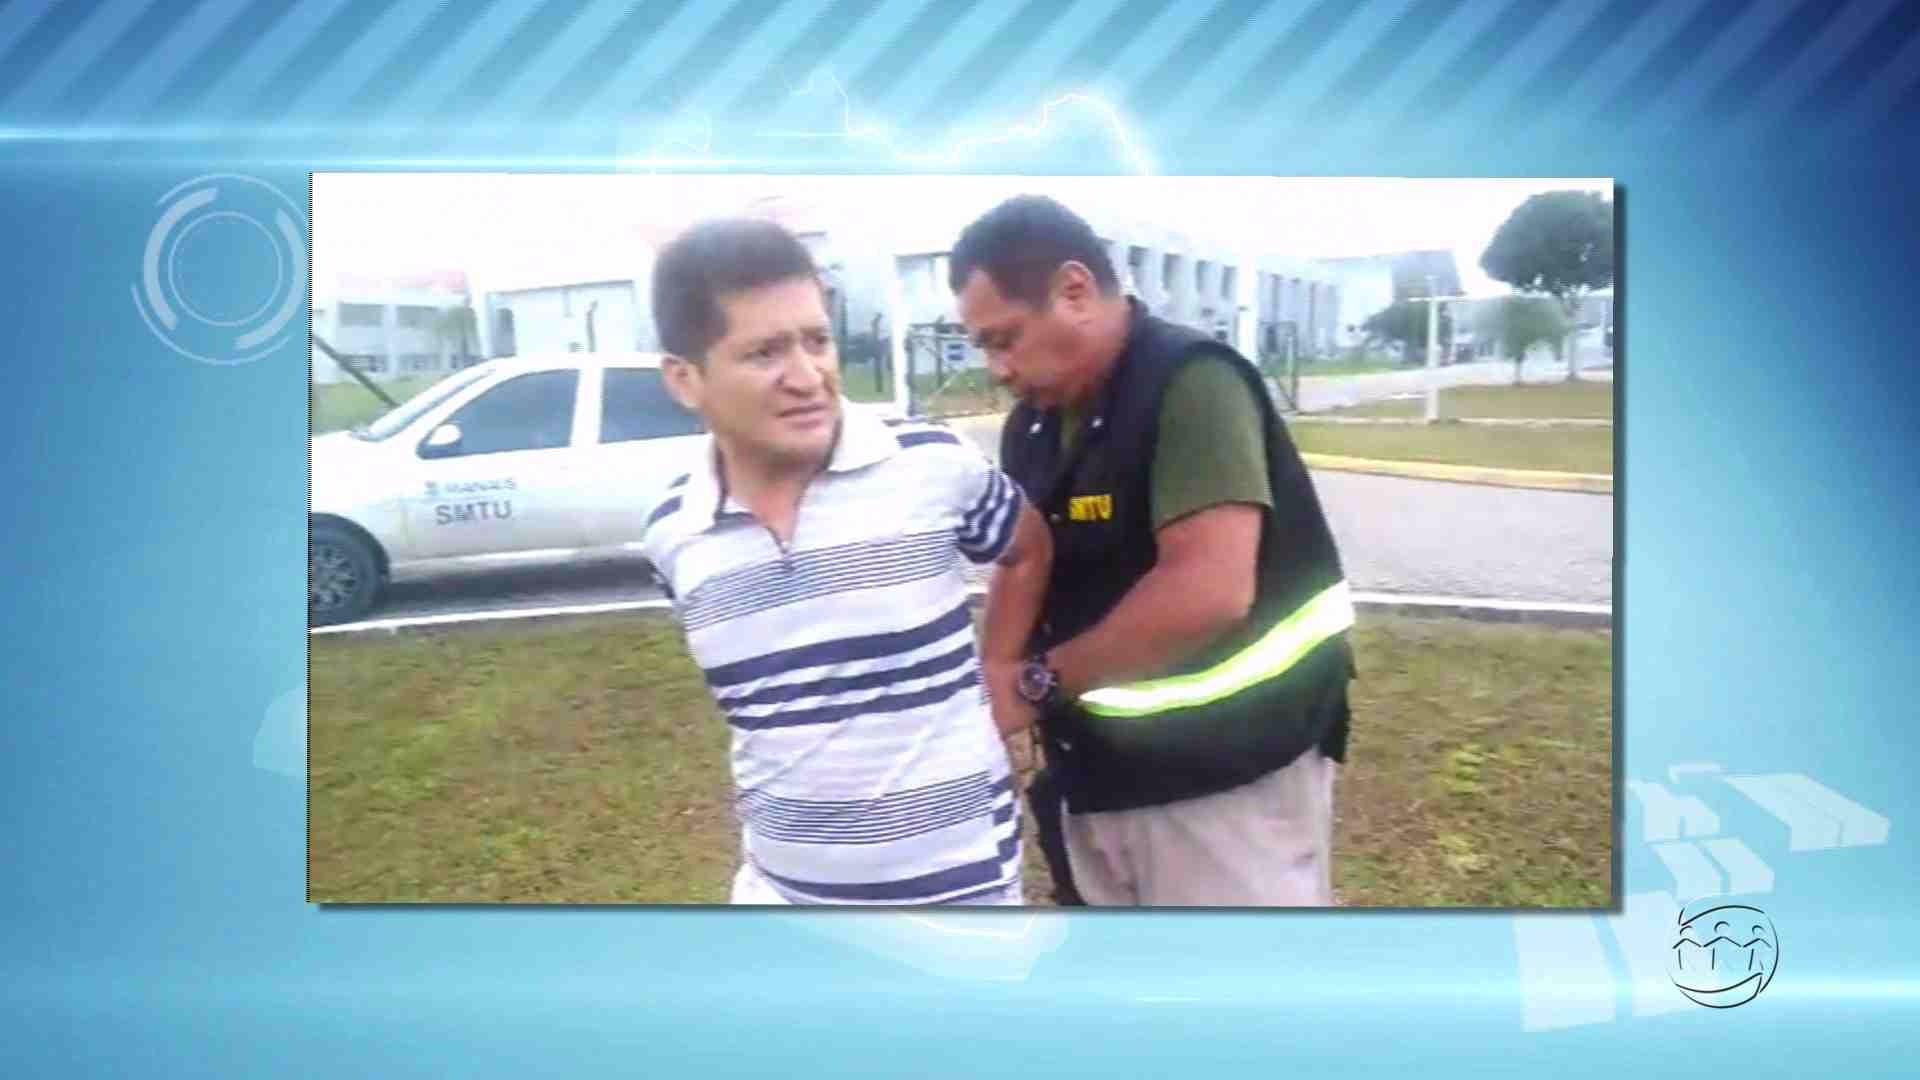 AGENTES DA SMTU ATIRAM EM VEÍCULO E ALGEMAM MOTORISTA - Alô Amazonas 24/04/17